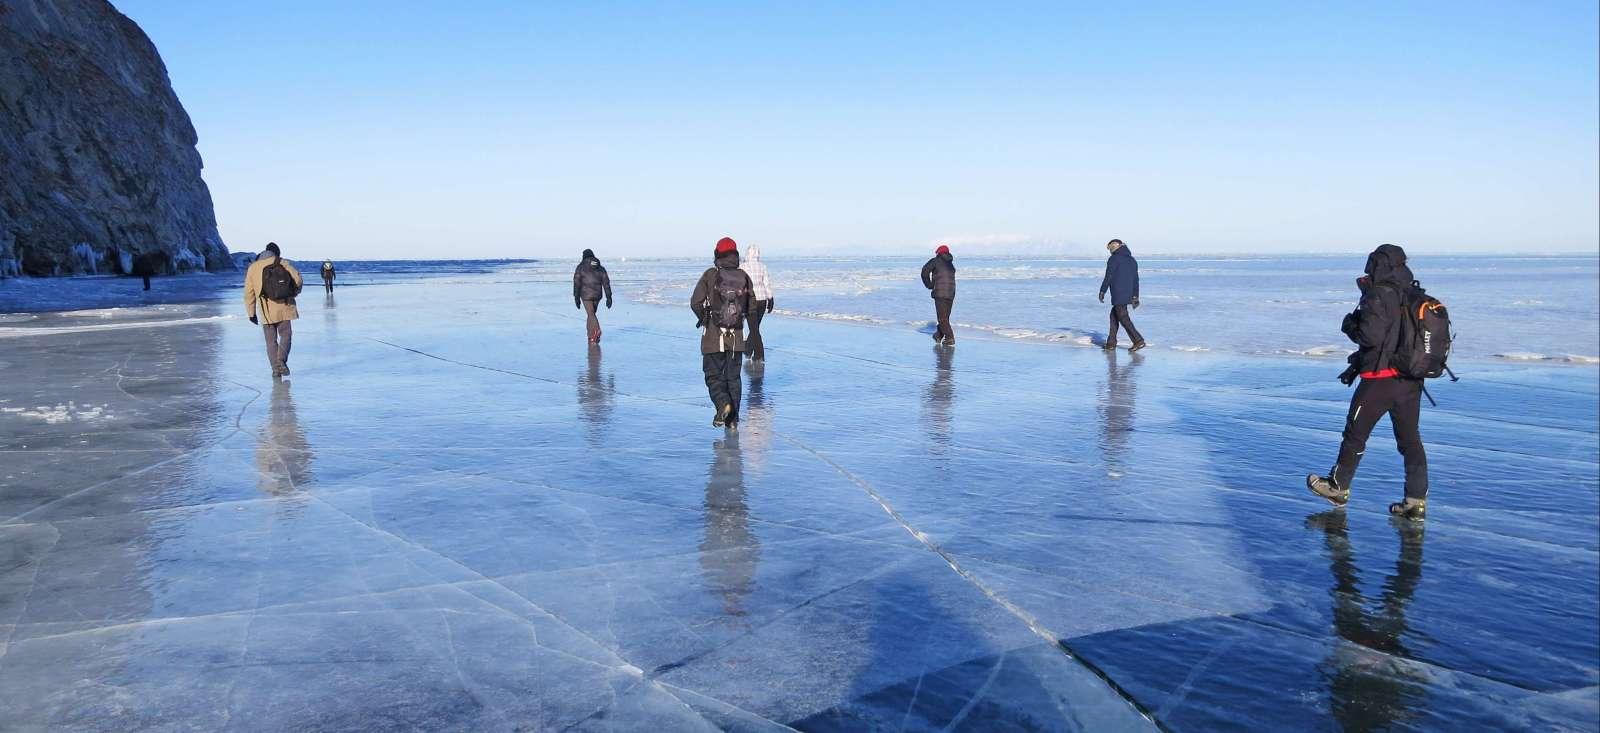 Voyage à pied : Immersion hivernale au royaume de glace